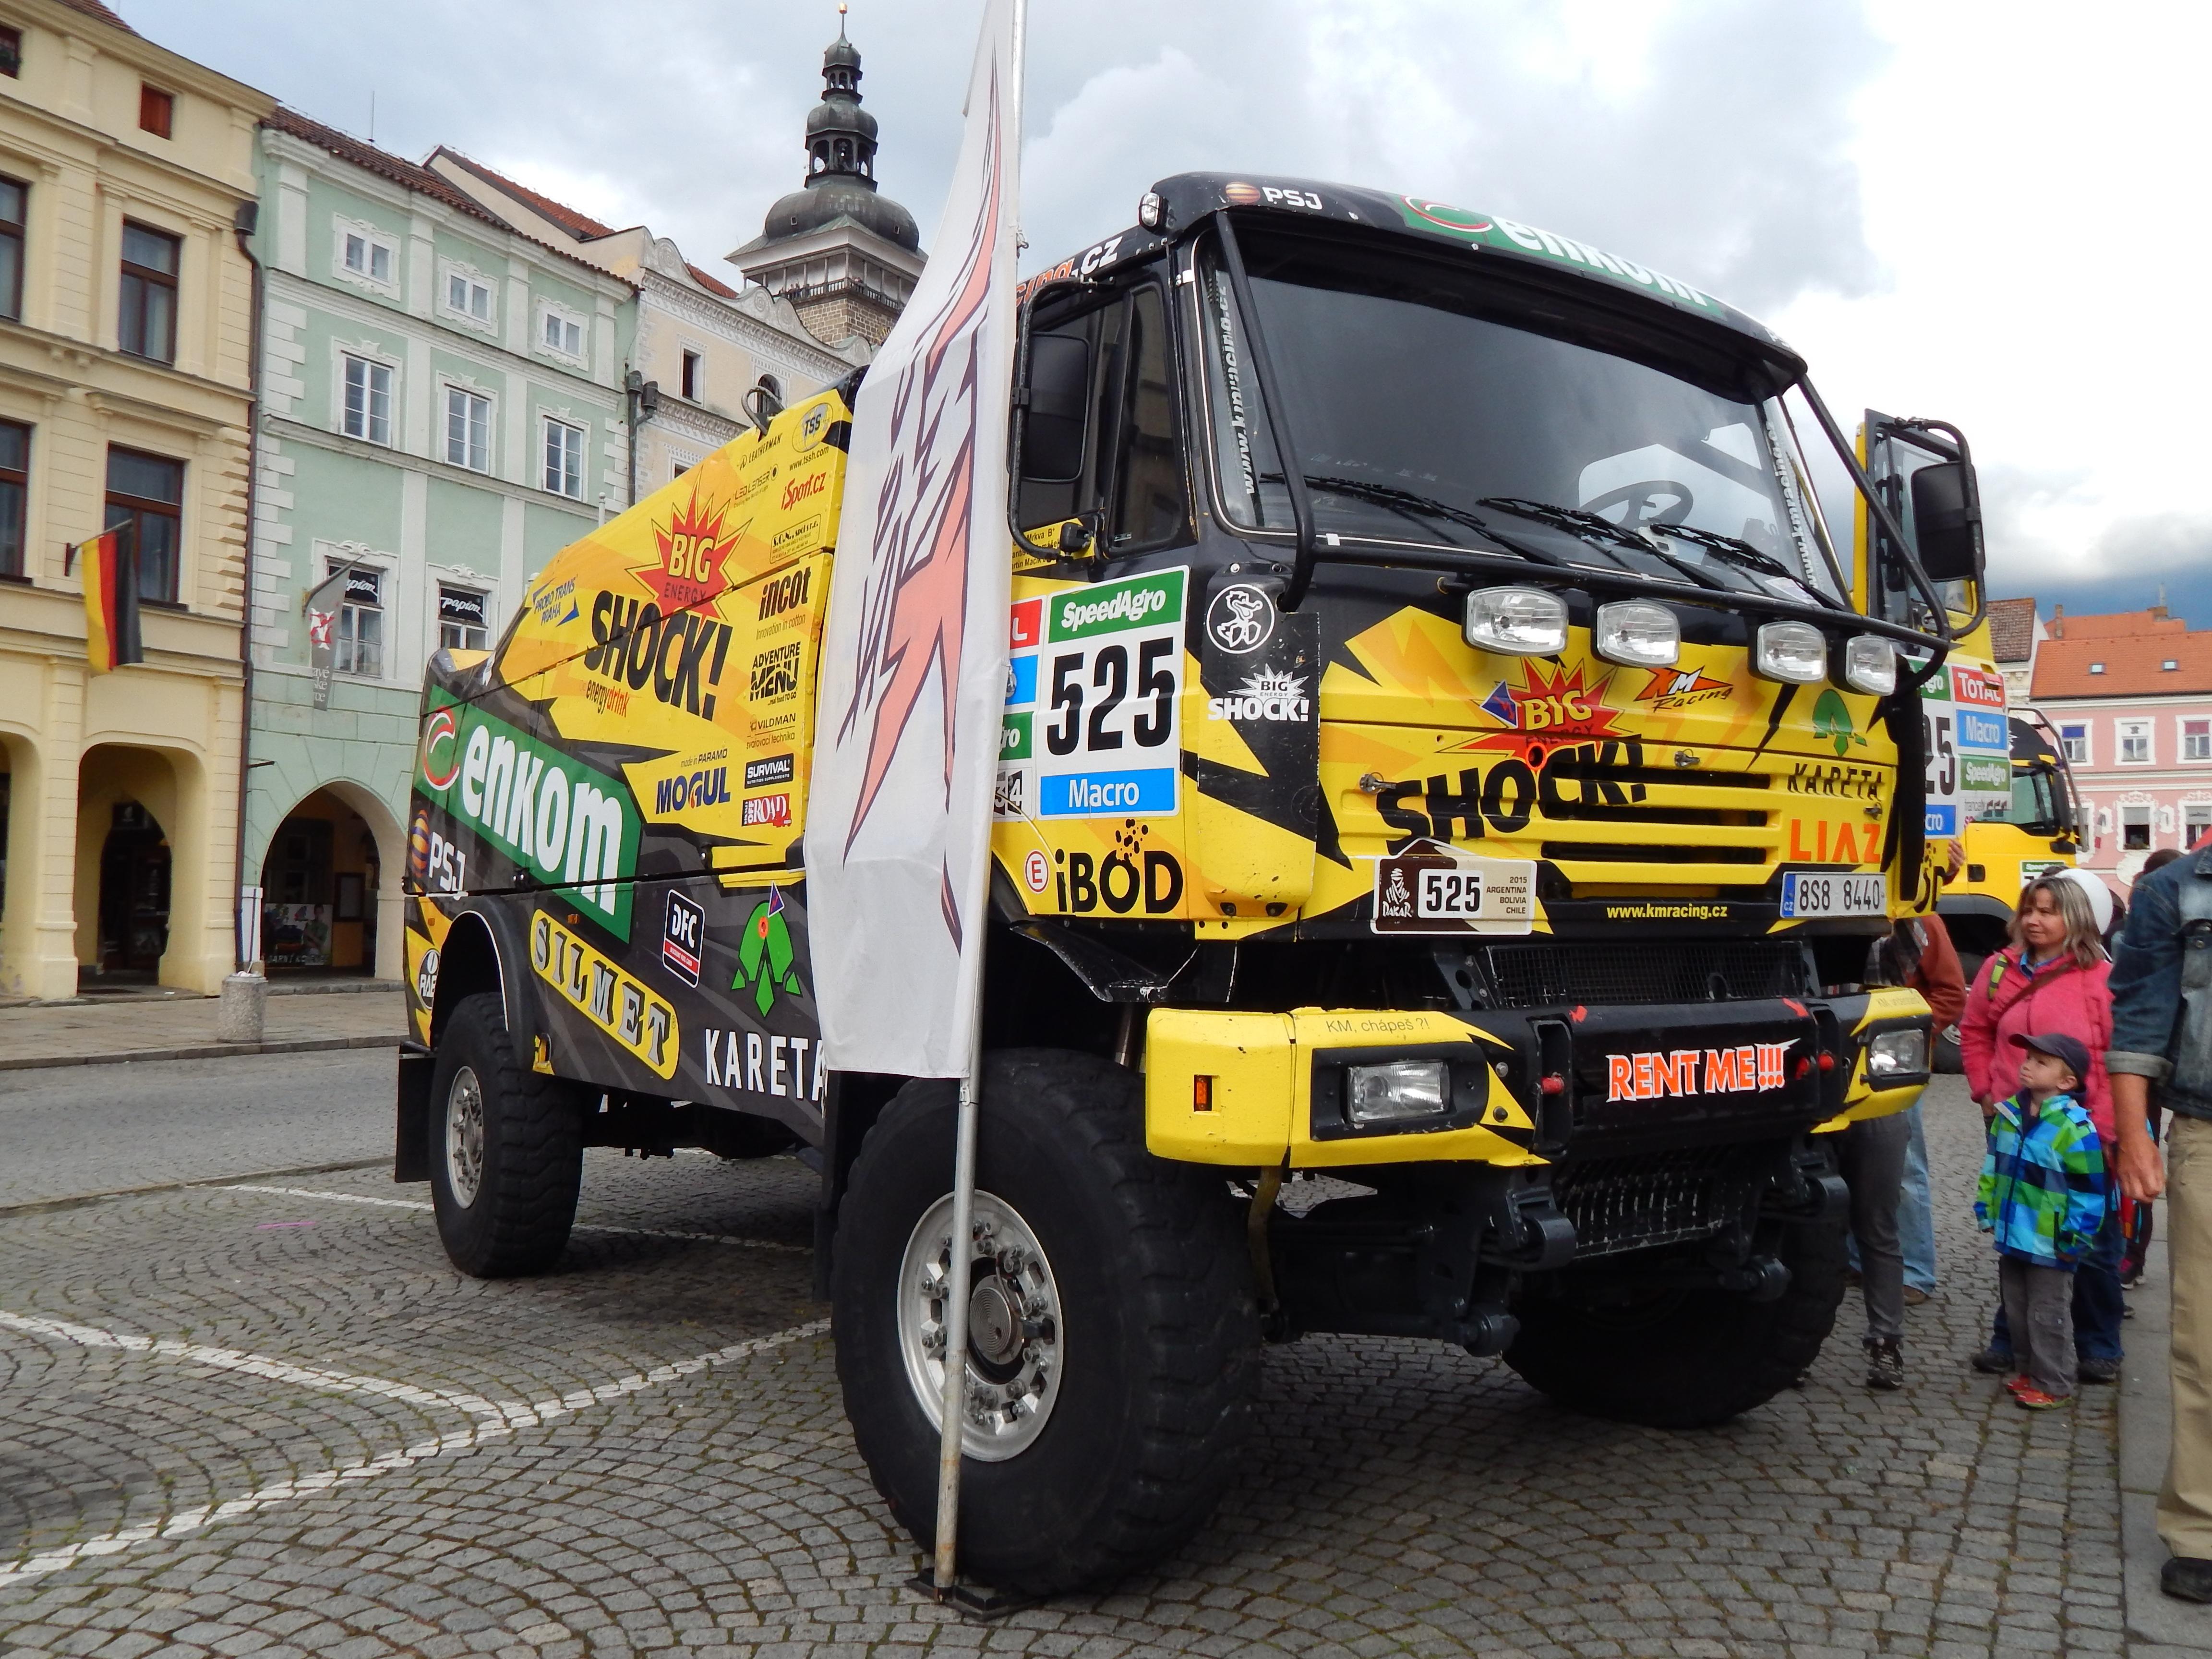 Kostenlose foto : Auto, Werbung, LKW, Fahrzeug, Farben, Rennen ...